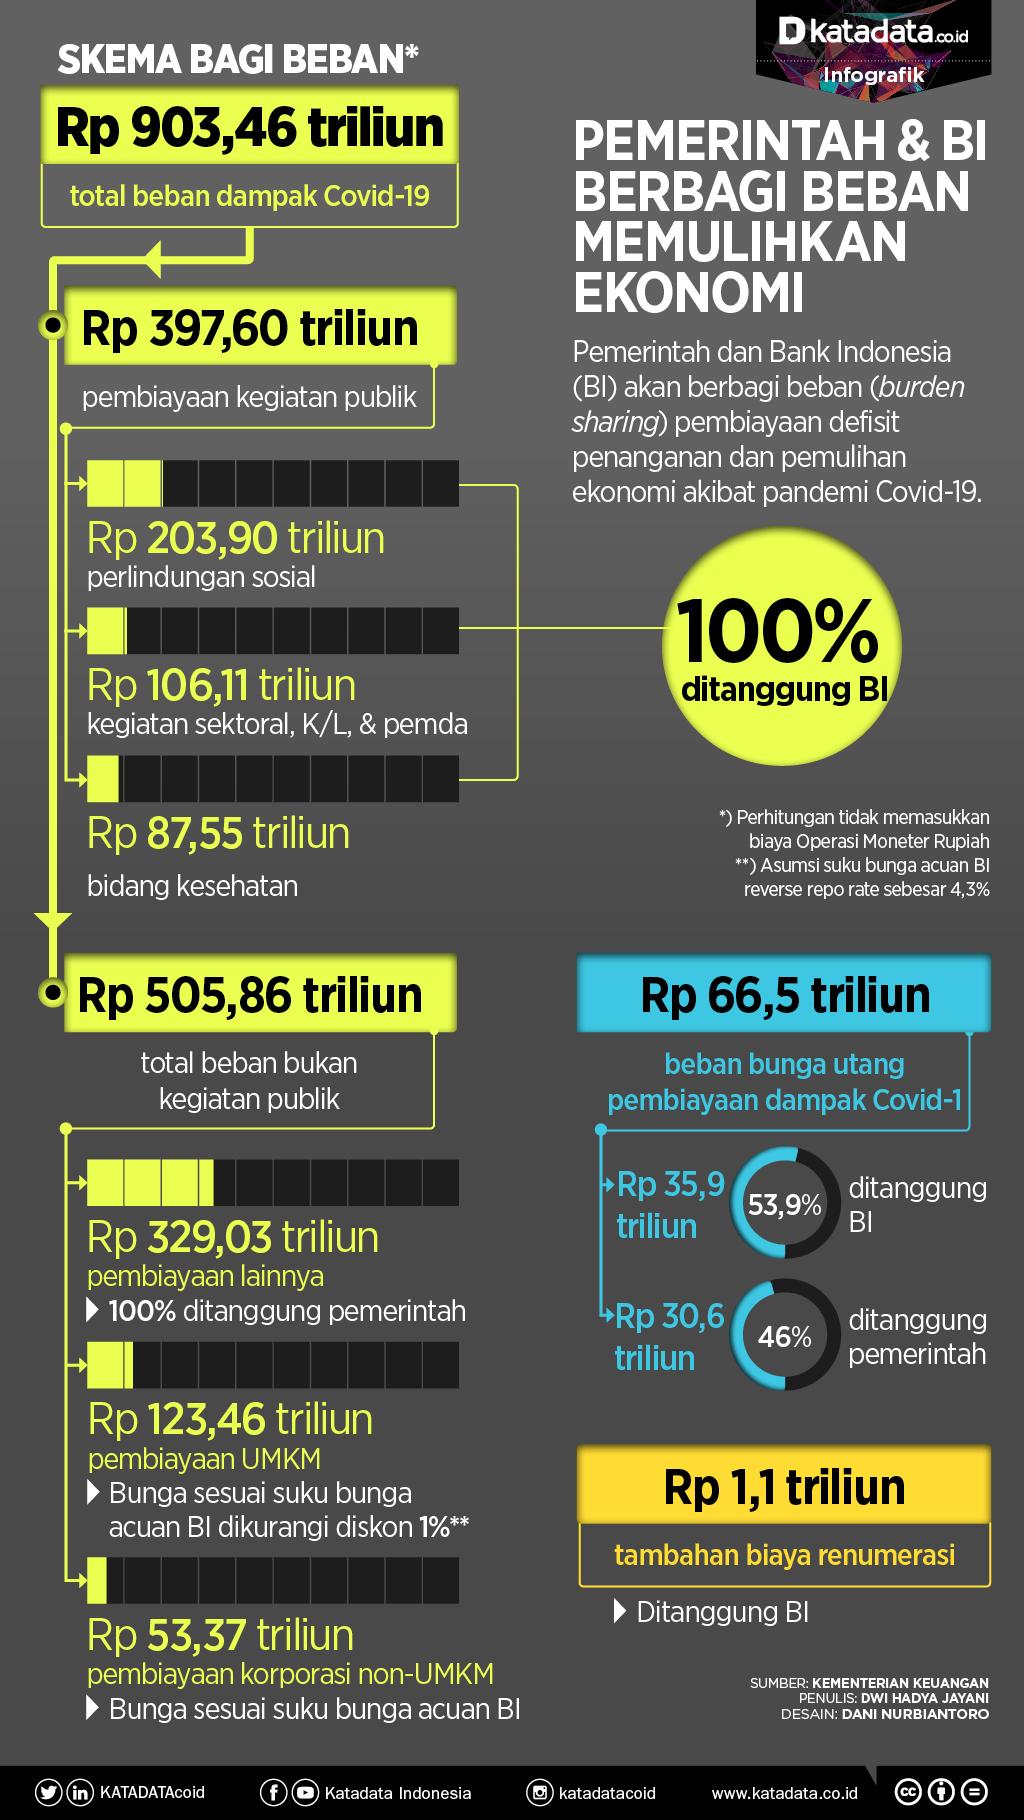 Infografik Berbagi Beban Pemerintah dan BI Pembiayaan Covid-19